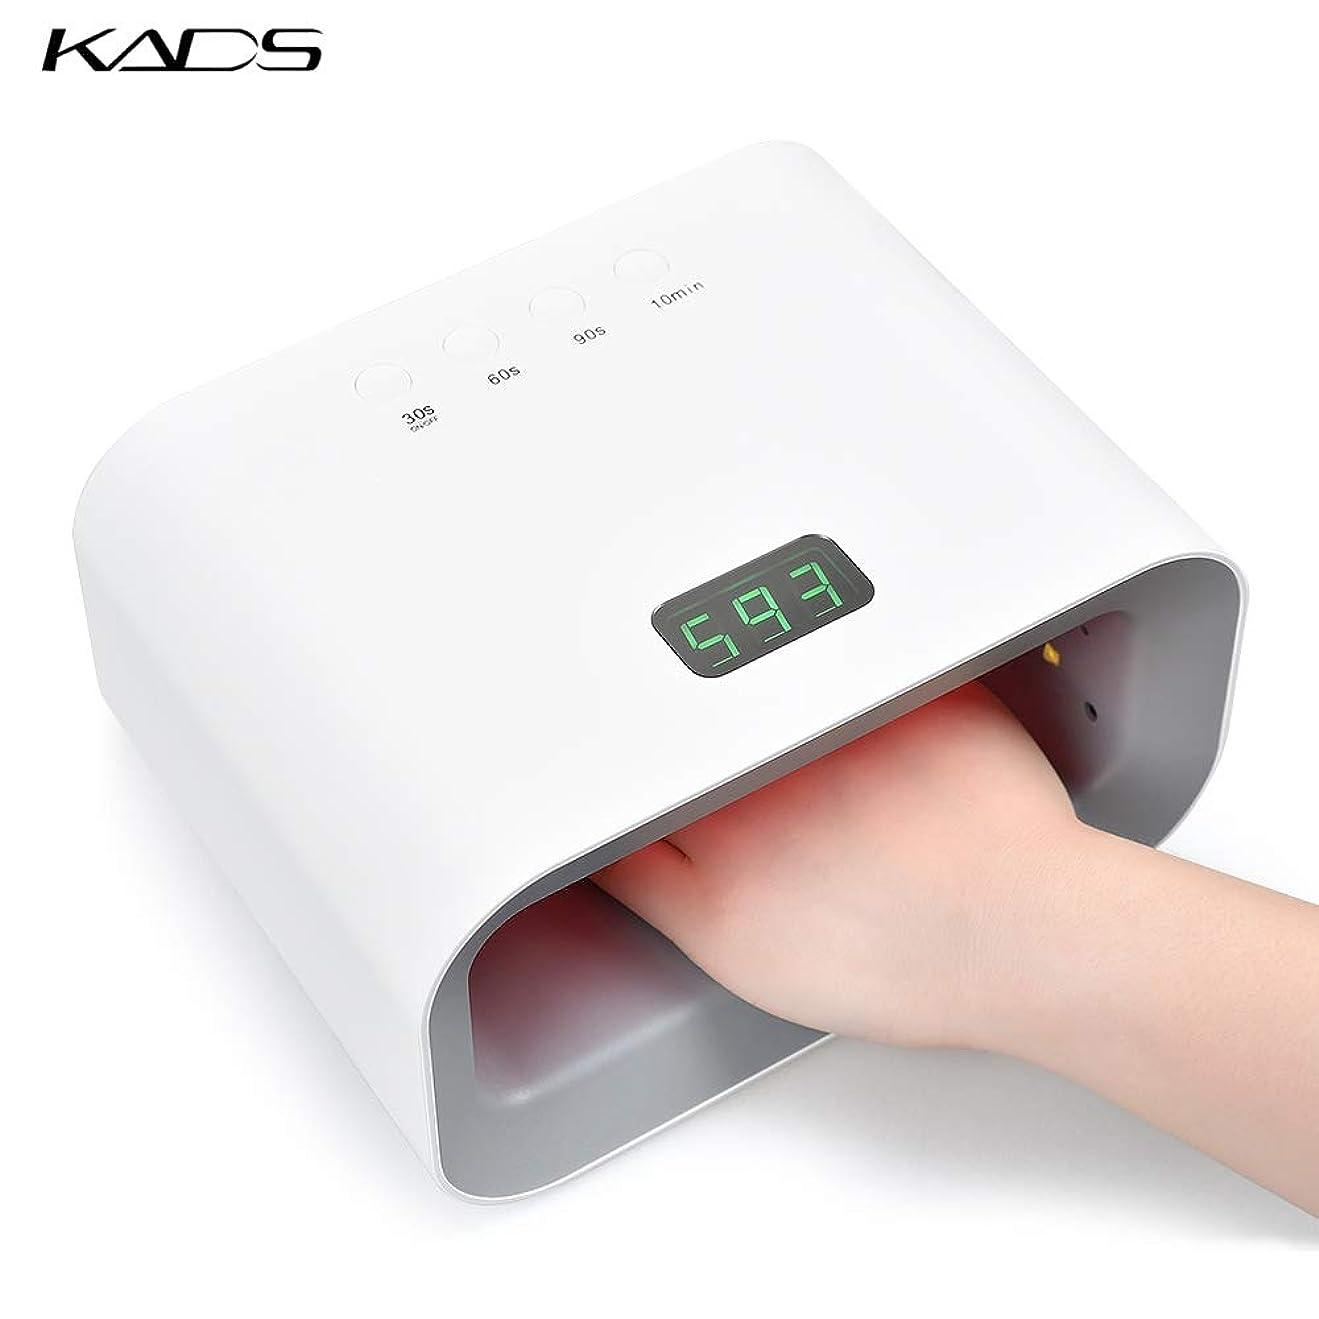 スキームアスリートセクションKADS LEDネイルドライヤー UV/LEDライト 90W 美白機能付き 3段階タイマー設定 高速硬化 硬化用ライト ランプ ジェルネイル用 赤外線検知